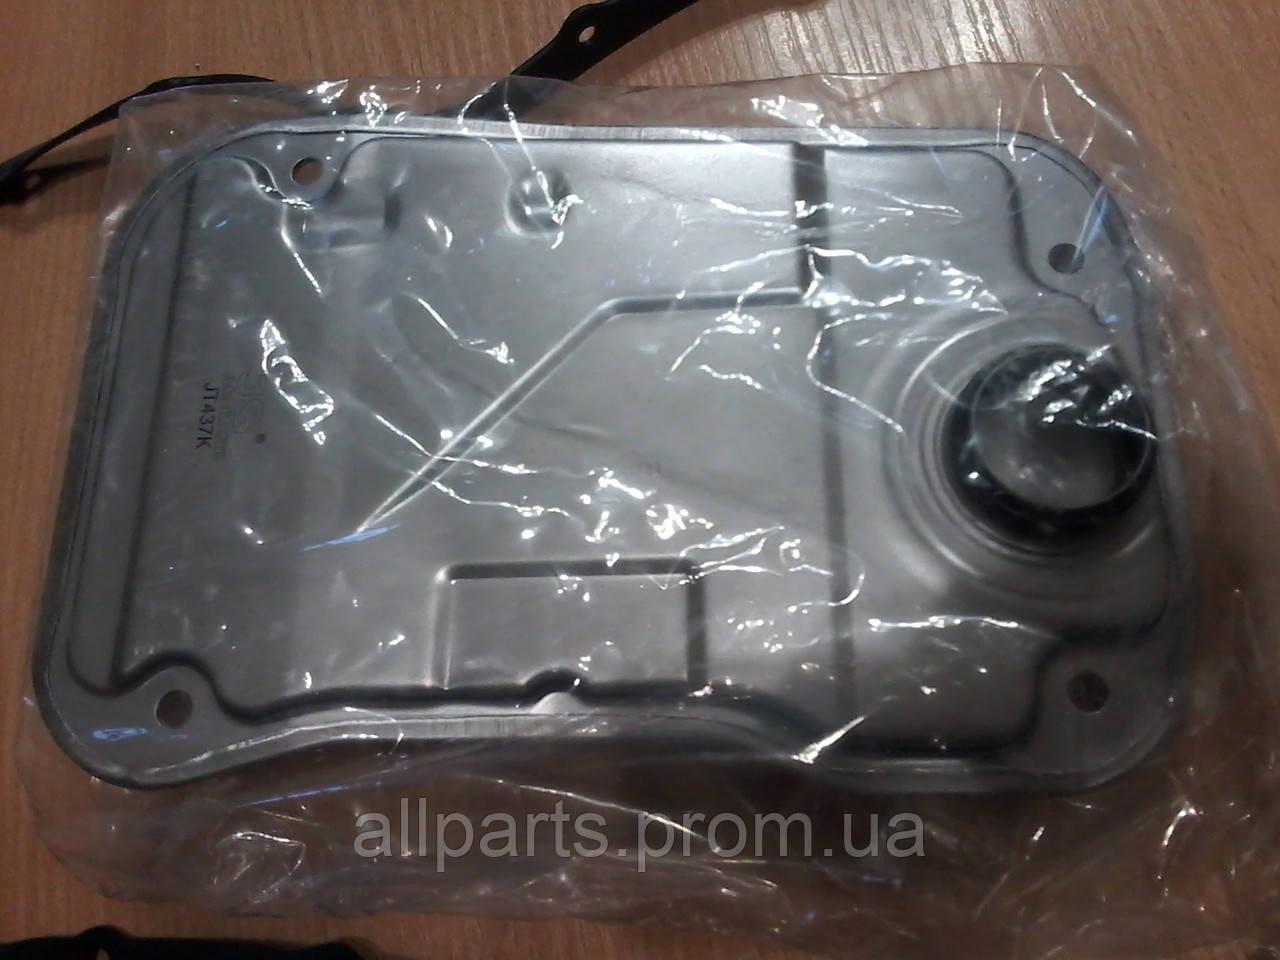 Фильтр АКПП Toyota Land Cruiser Prado -120/150, 100/200 4.7 (02-) 5-ти ступ. номер 35330-60050